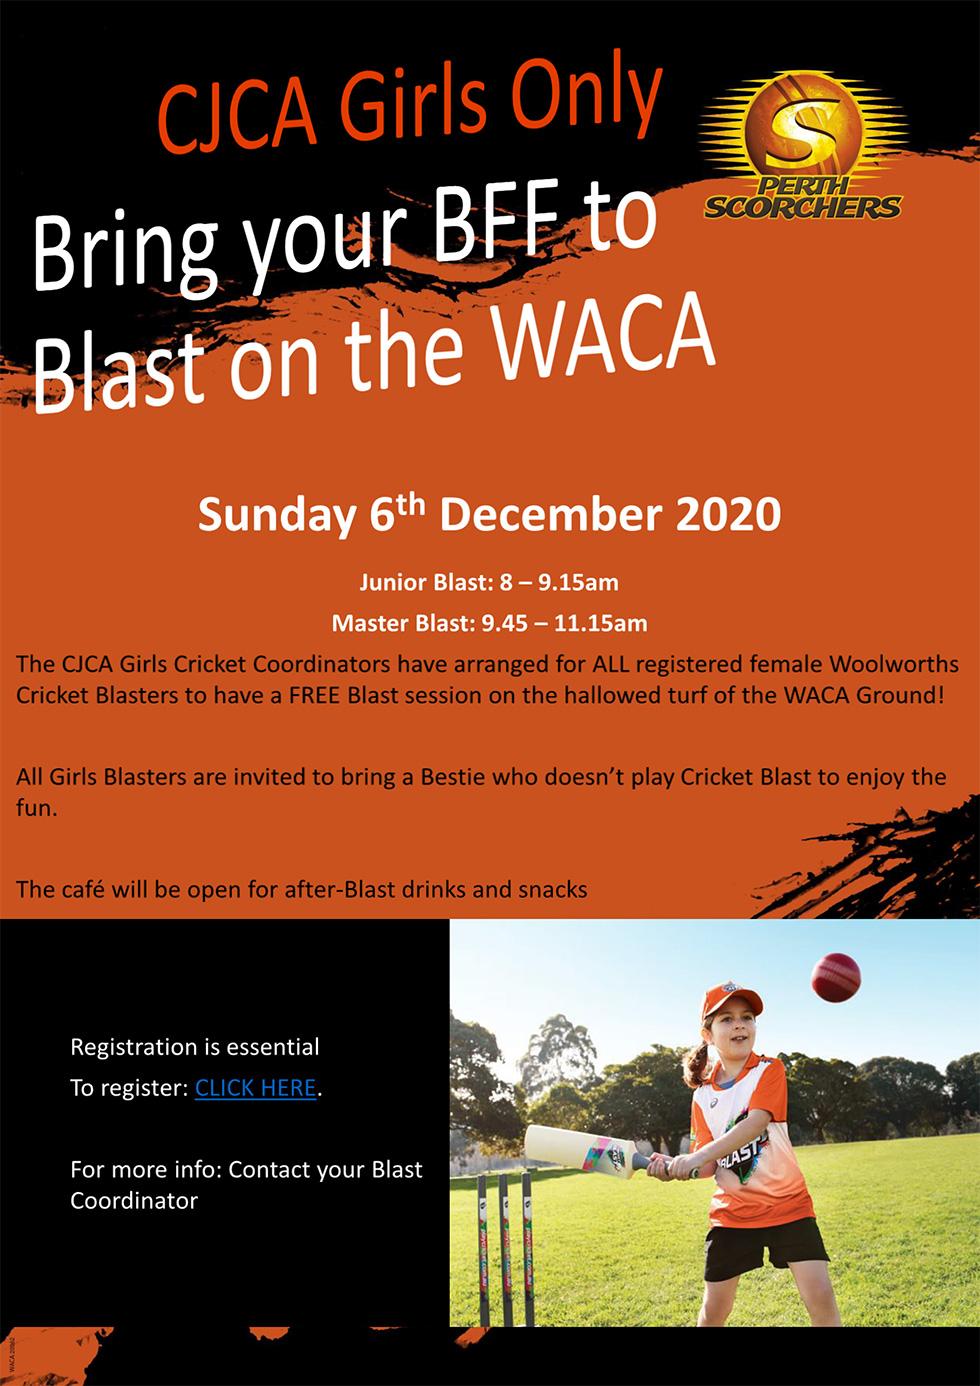 CJCA Girls Only Blast Day